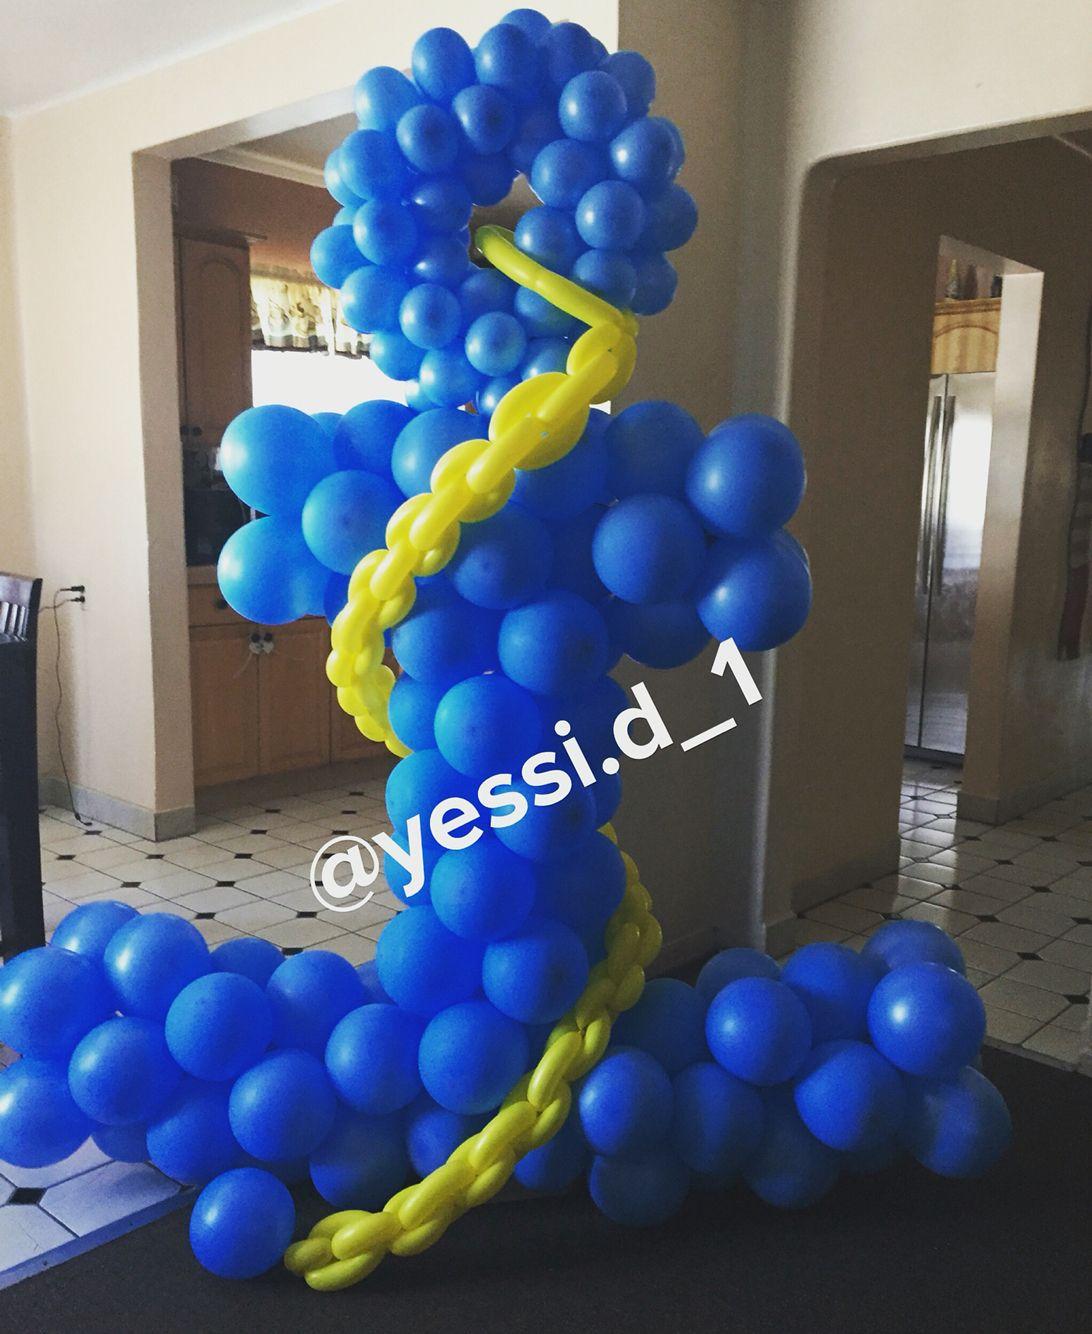 Anchor Balloon #babyshower #mydesign #party #fiesta #ancla #globos #todounreto